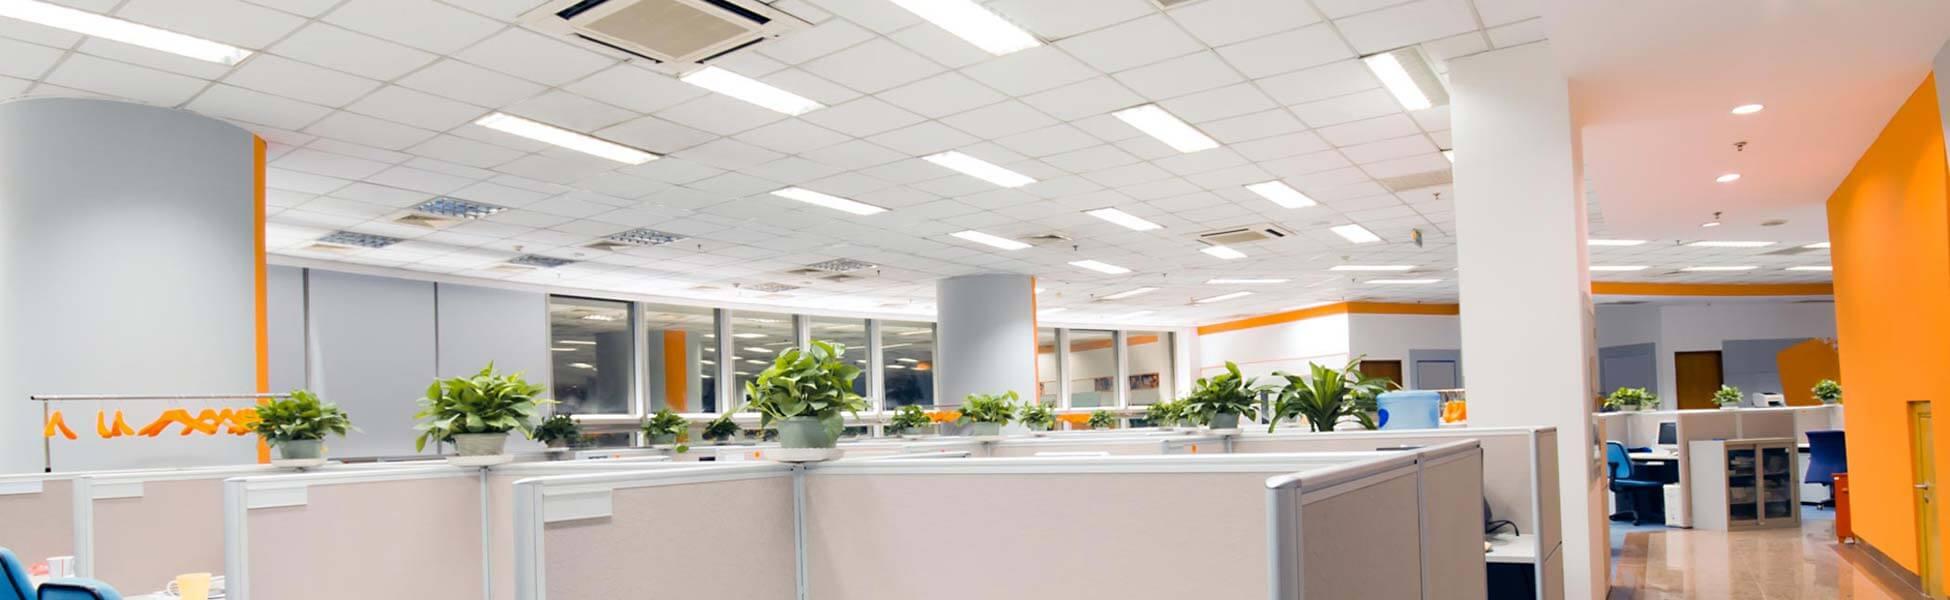 Minőségi LED Panelek, prémium garanciával